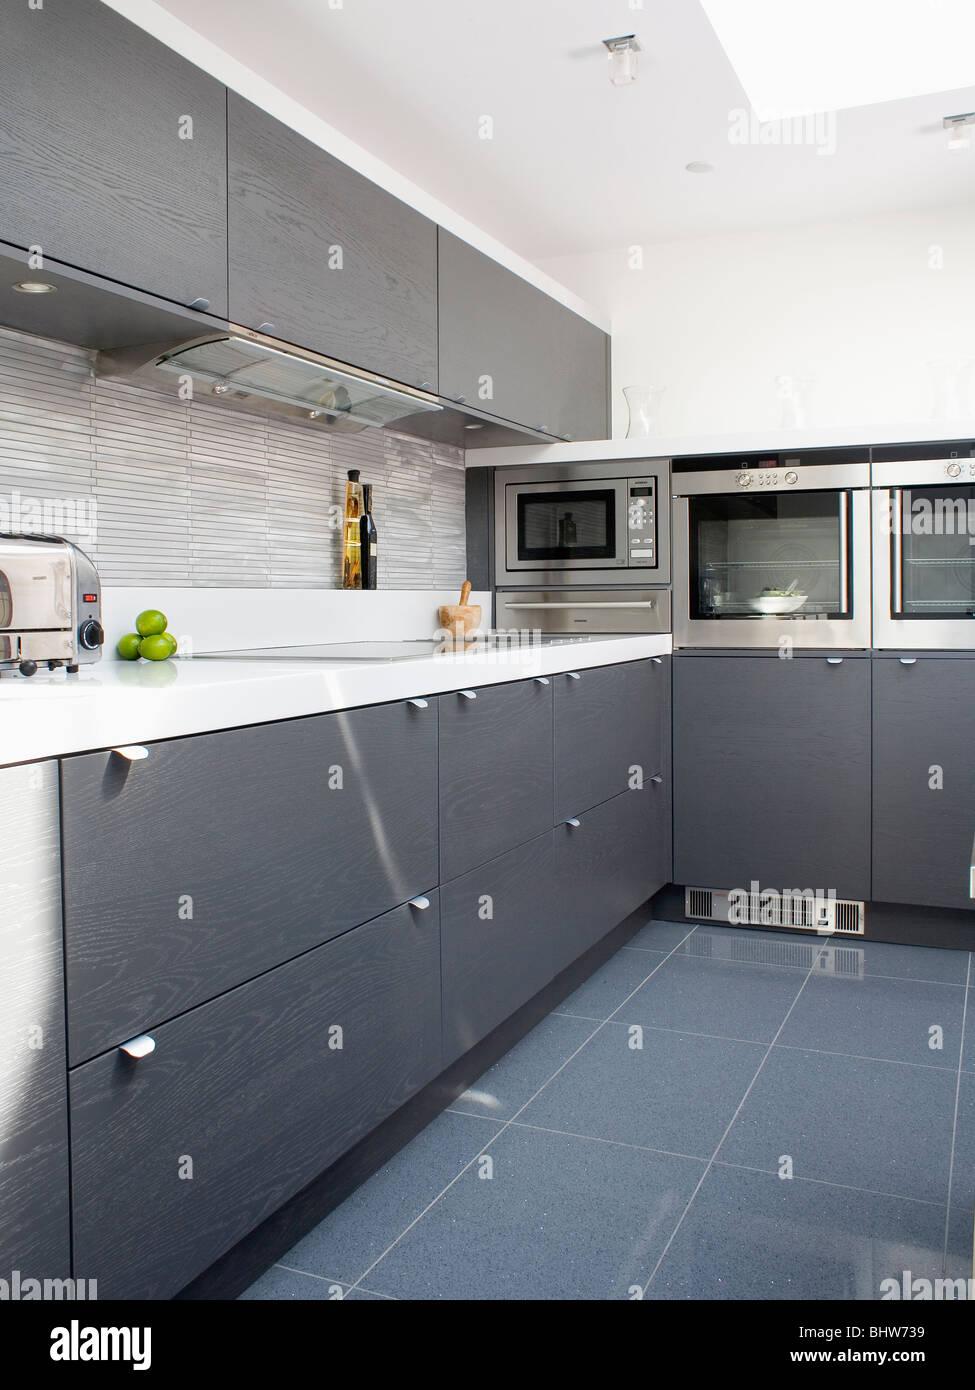 Grey Ceramic Floor Tiles In Modern White Kitchen With Dark